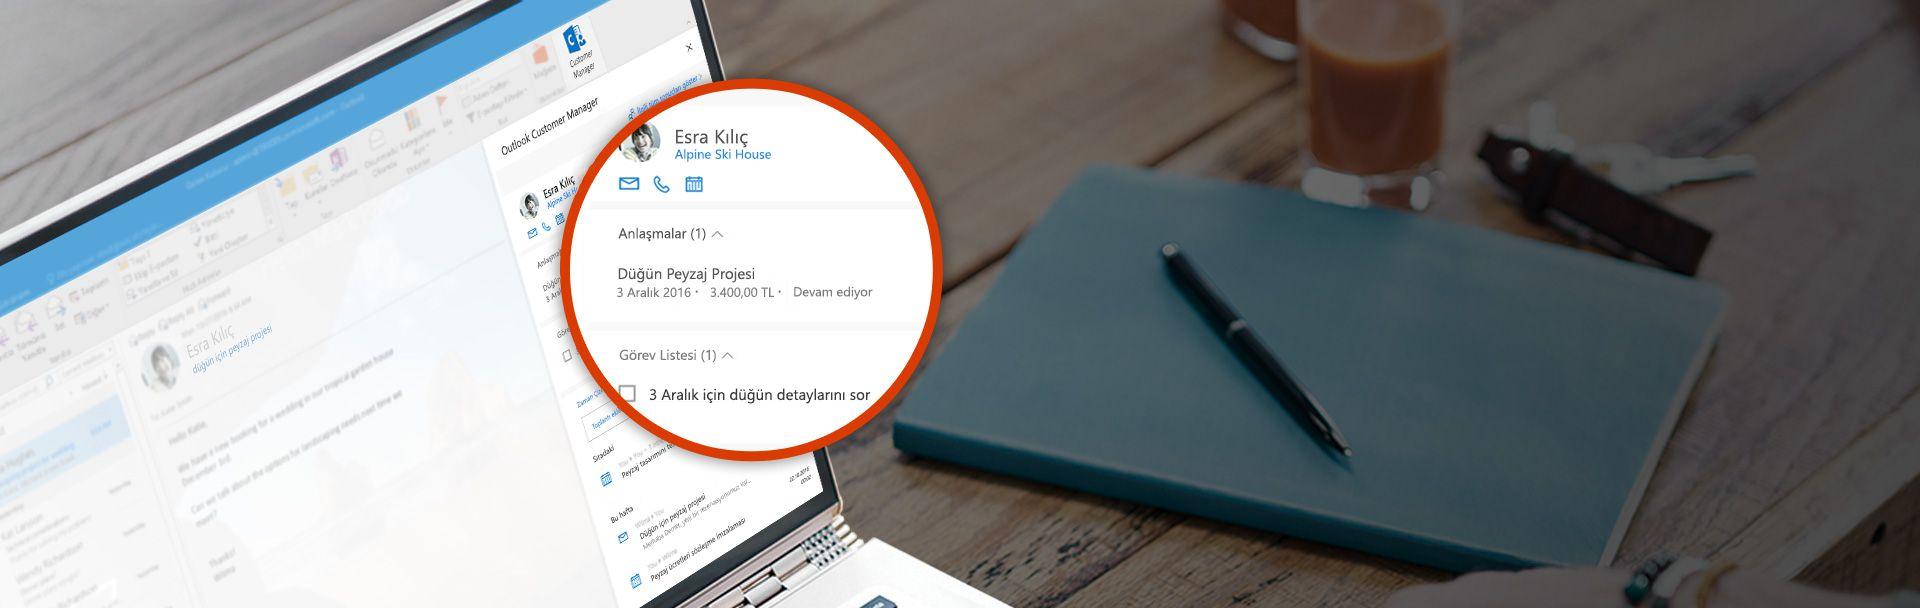 Müşteri bilgilerinin bulunduğu bölümleri yakınlaştırılmış olarak gösteren bir bilgisayar ekranı